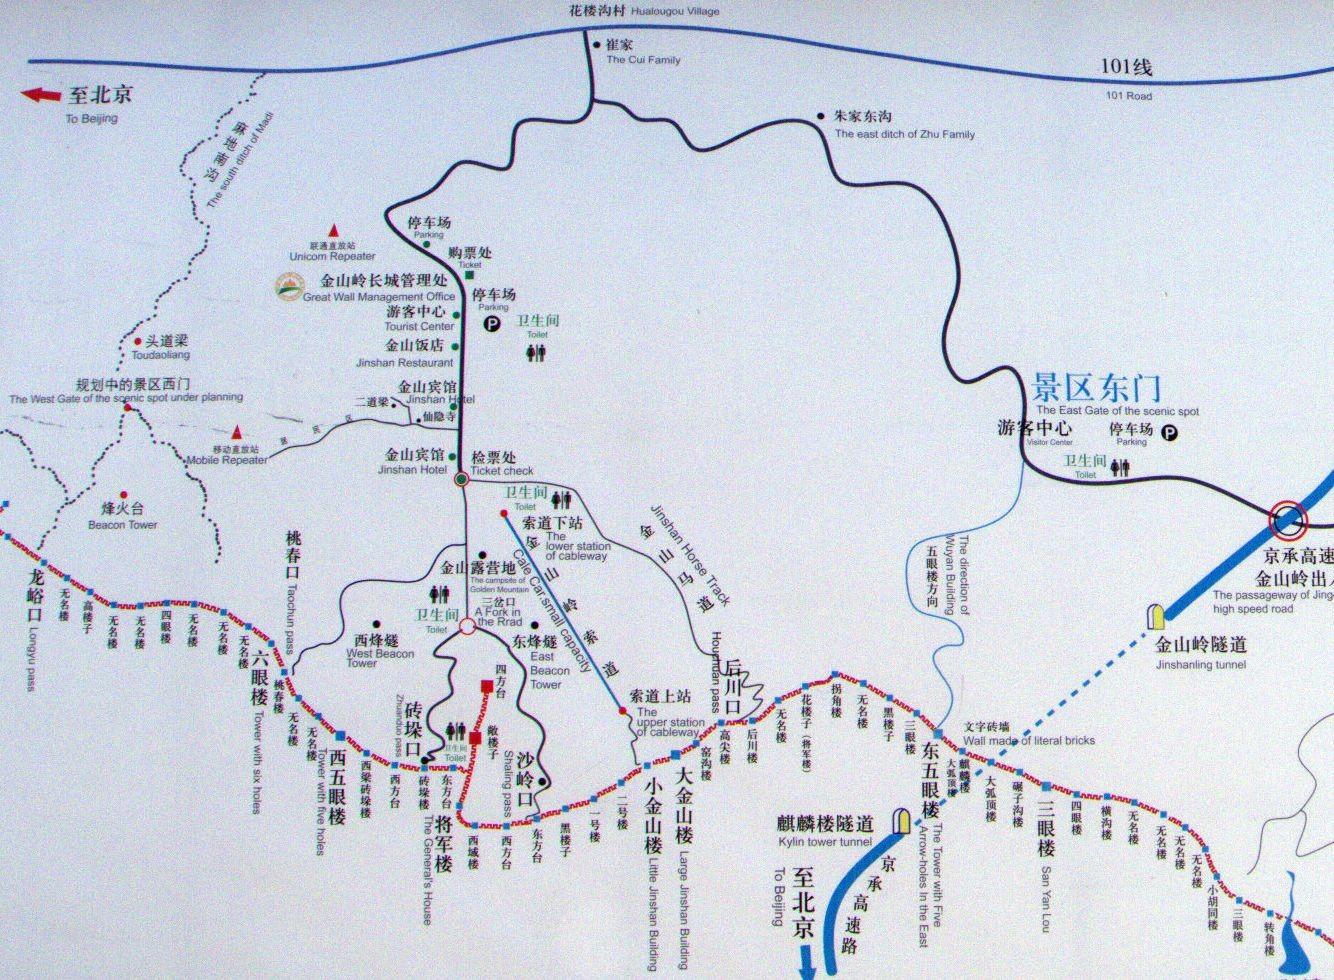 参赛指南:2013中国长城马拉松公开赛金山岭站(6月11日)